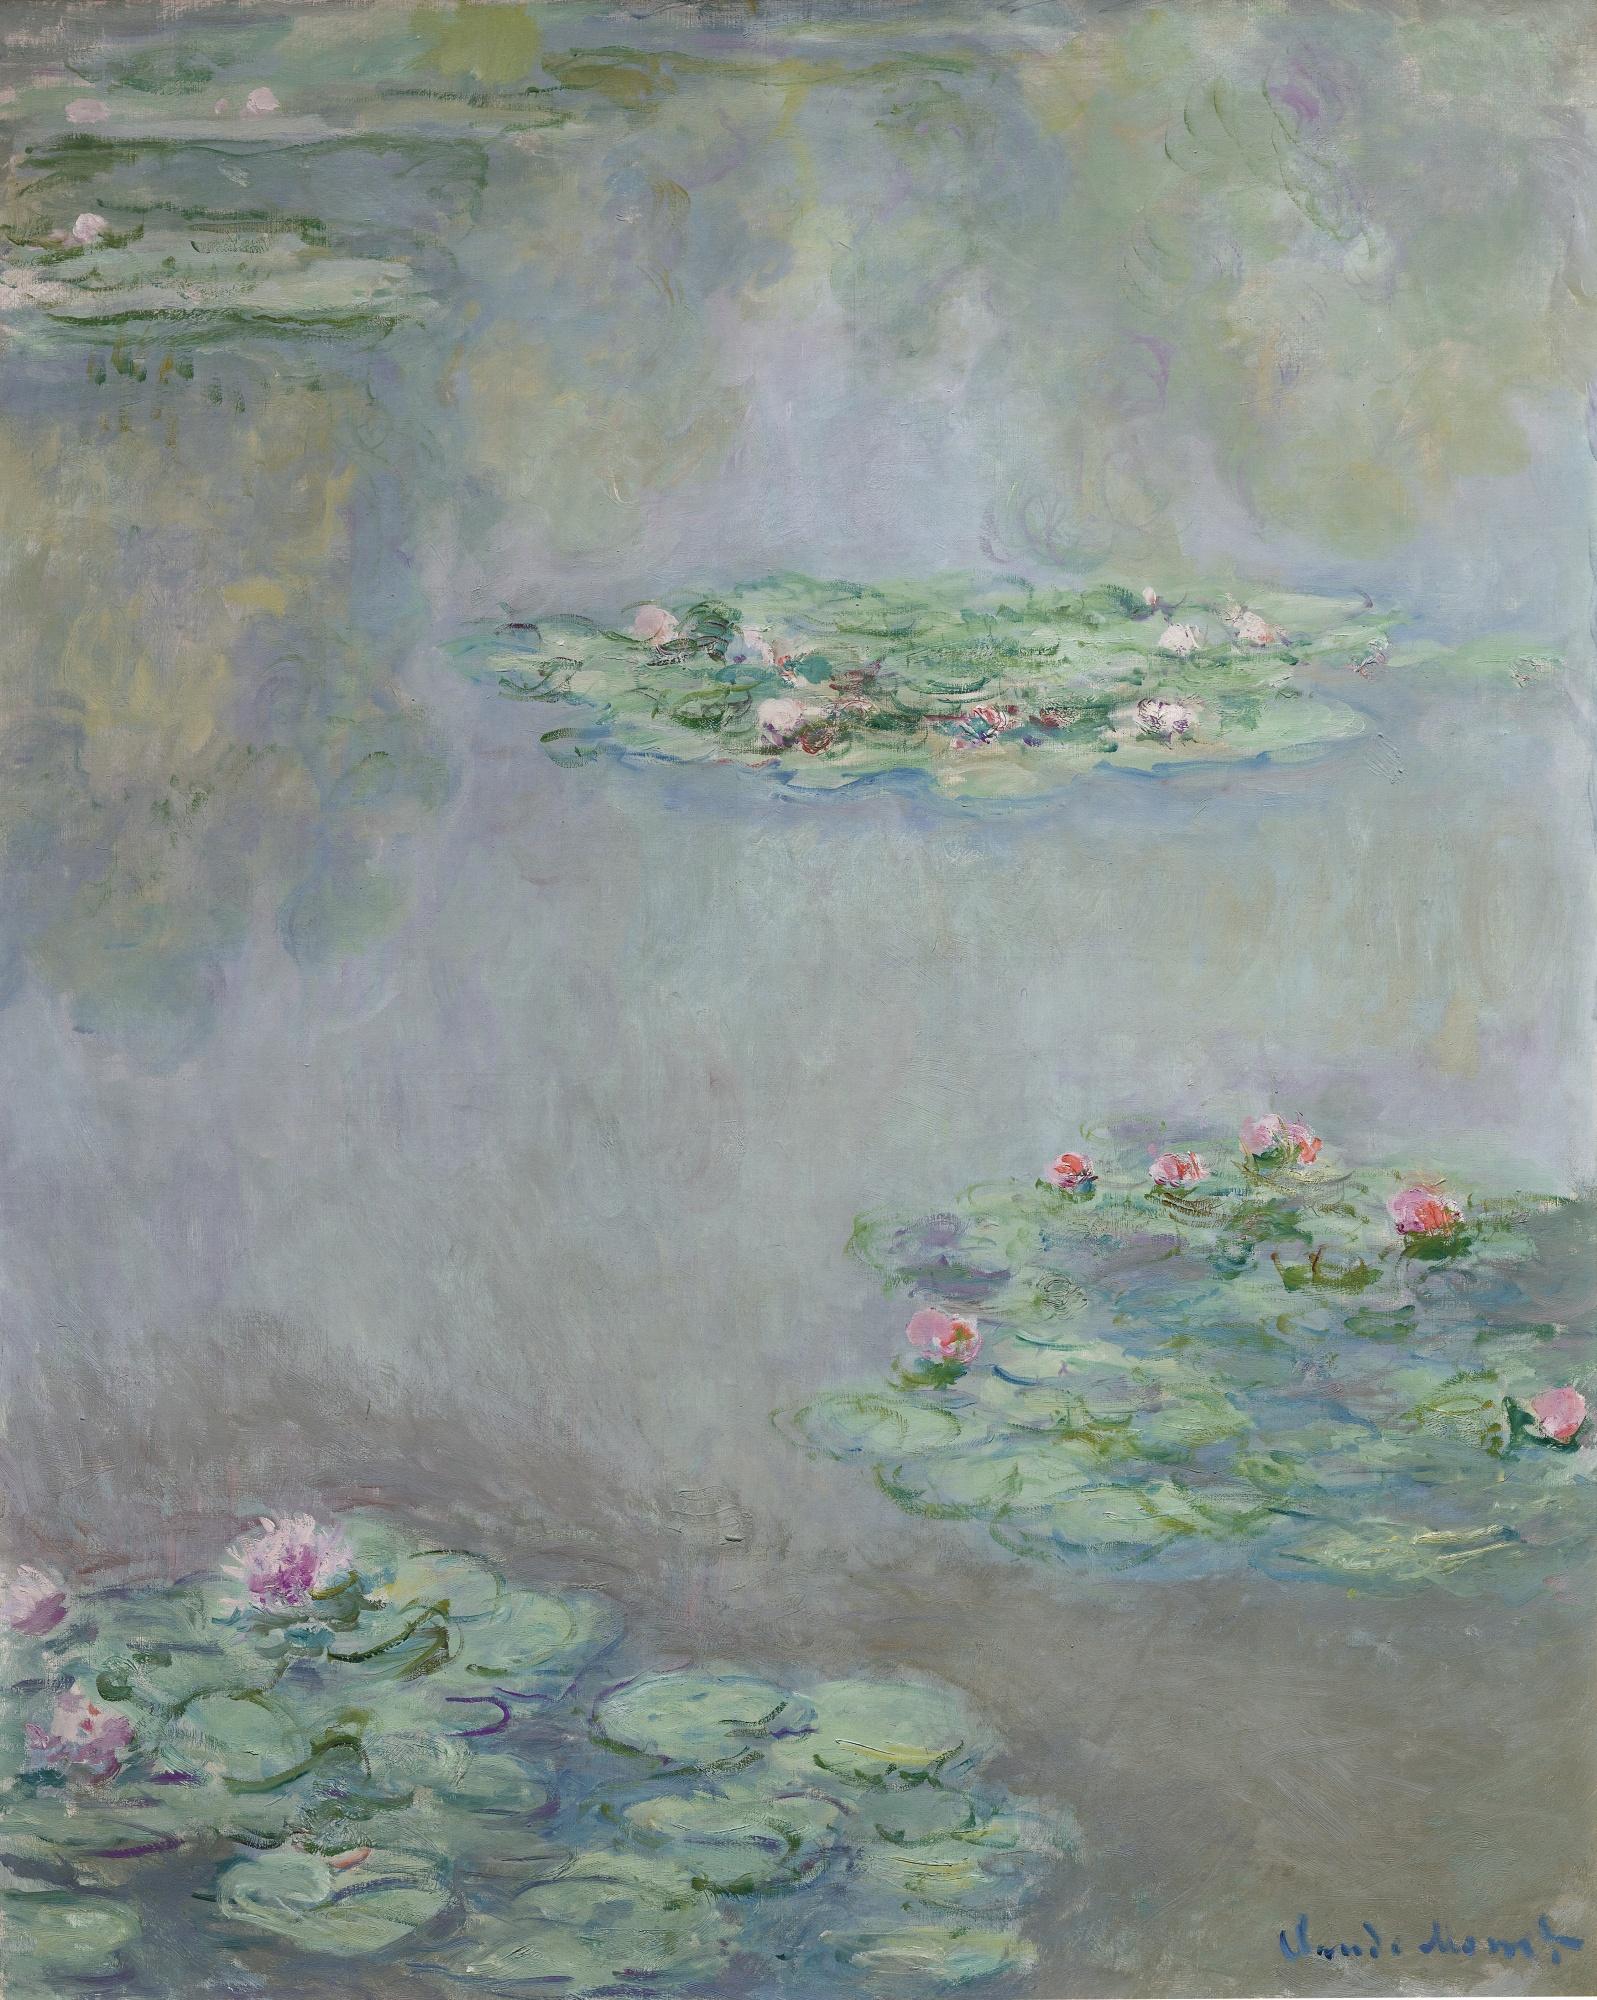 Nymphéas, by Claude Monet, circa 1908